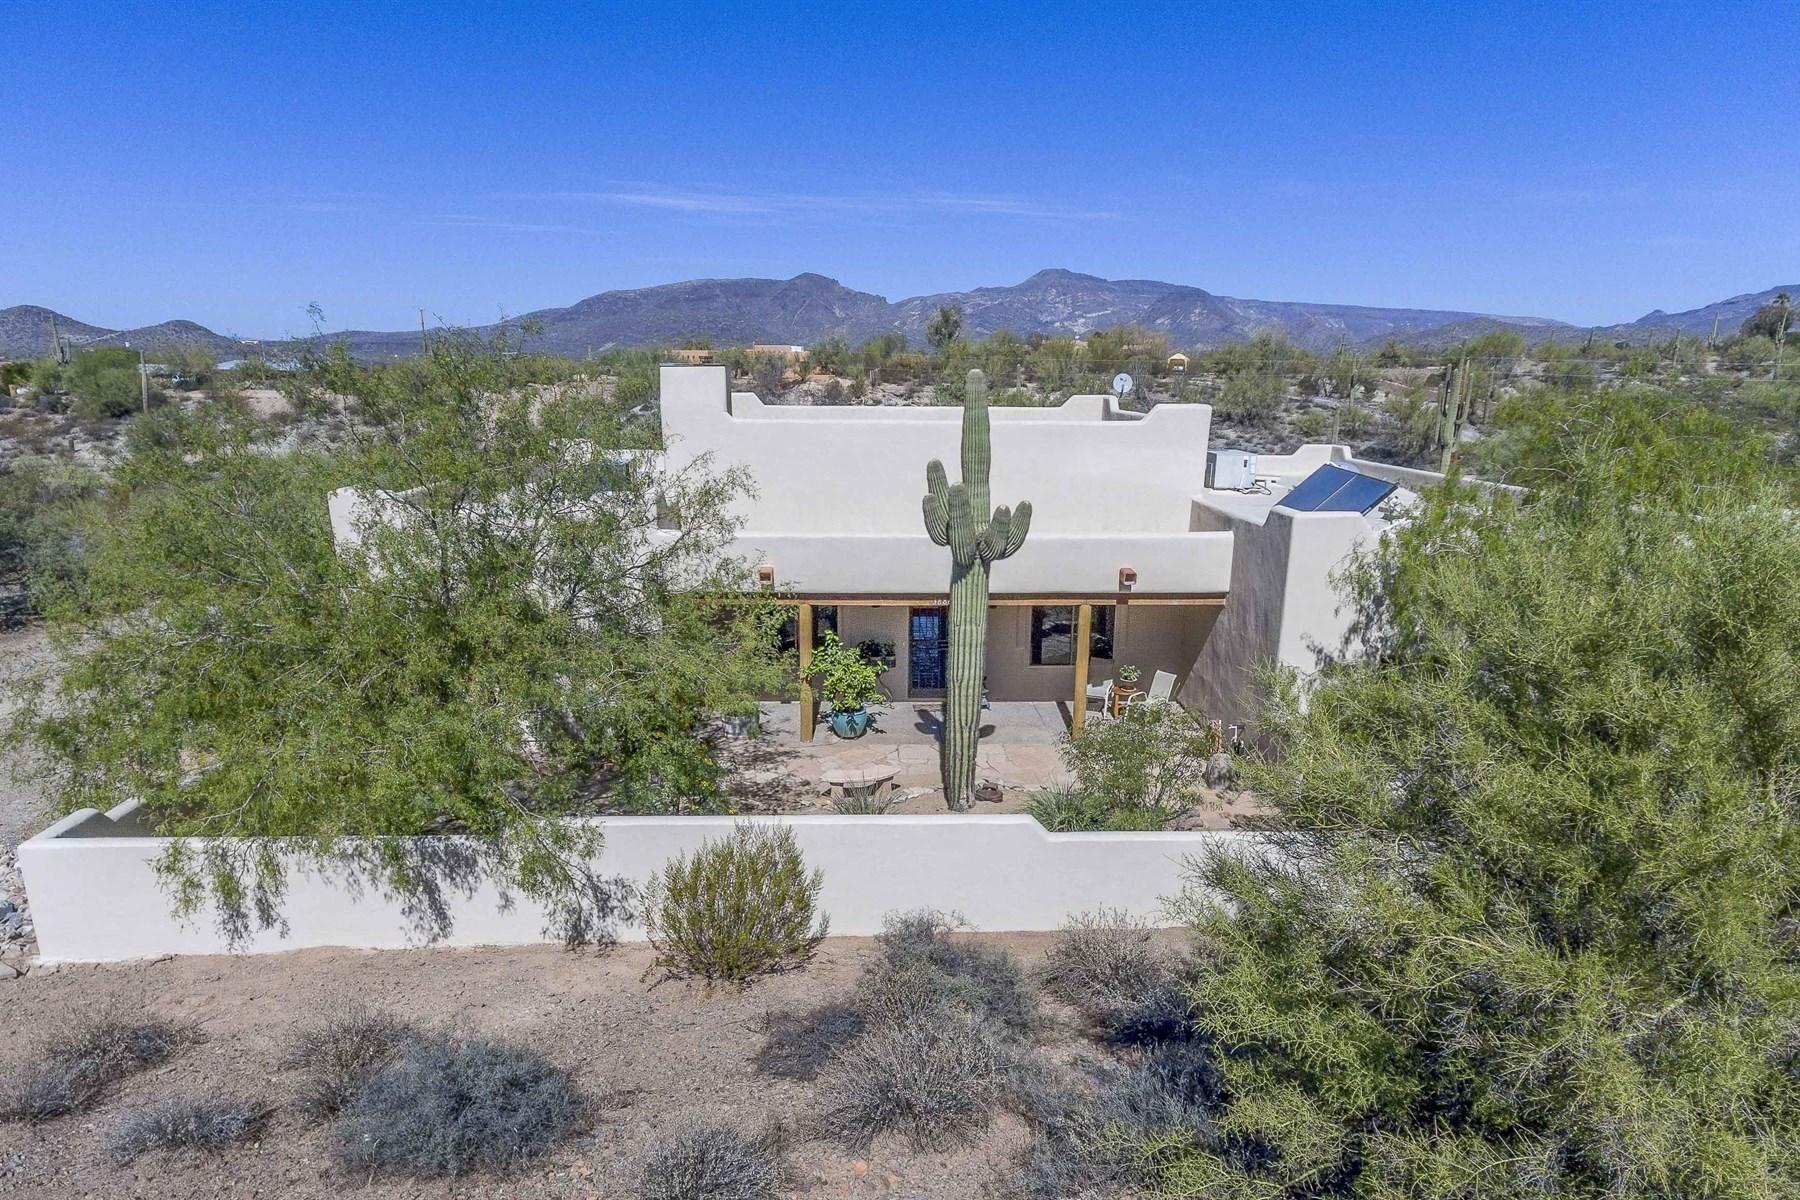 Villa per Vendita alle ore Charming territorial style home with privacy 38860 N Schoolhouse RD N Cave Creek, Arizona, 85331 Stati Uniti